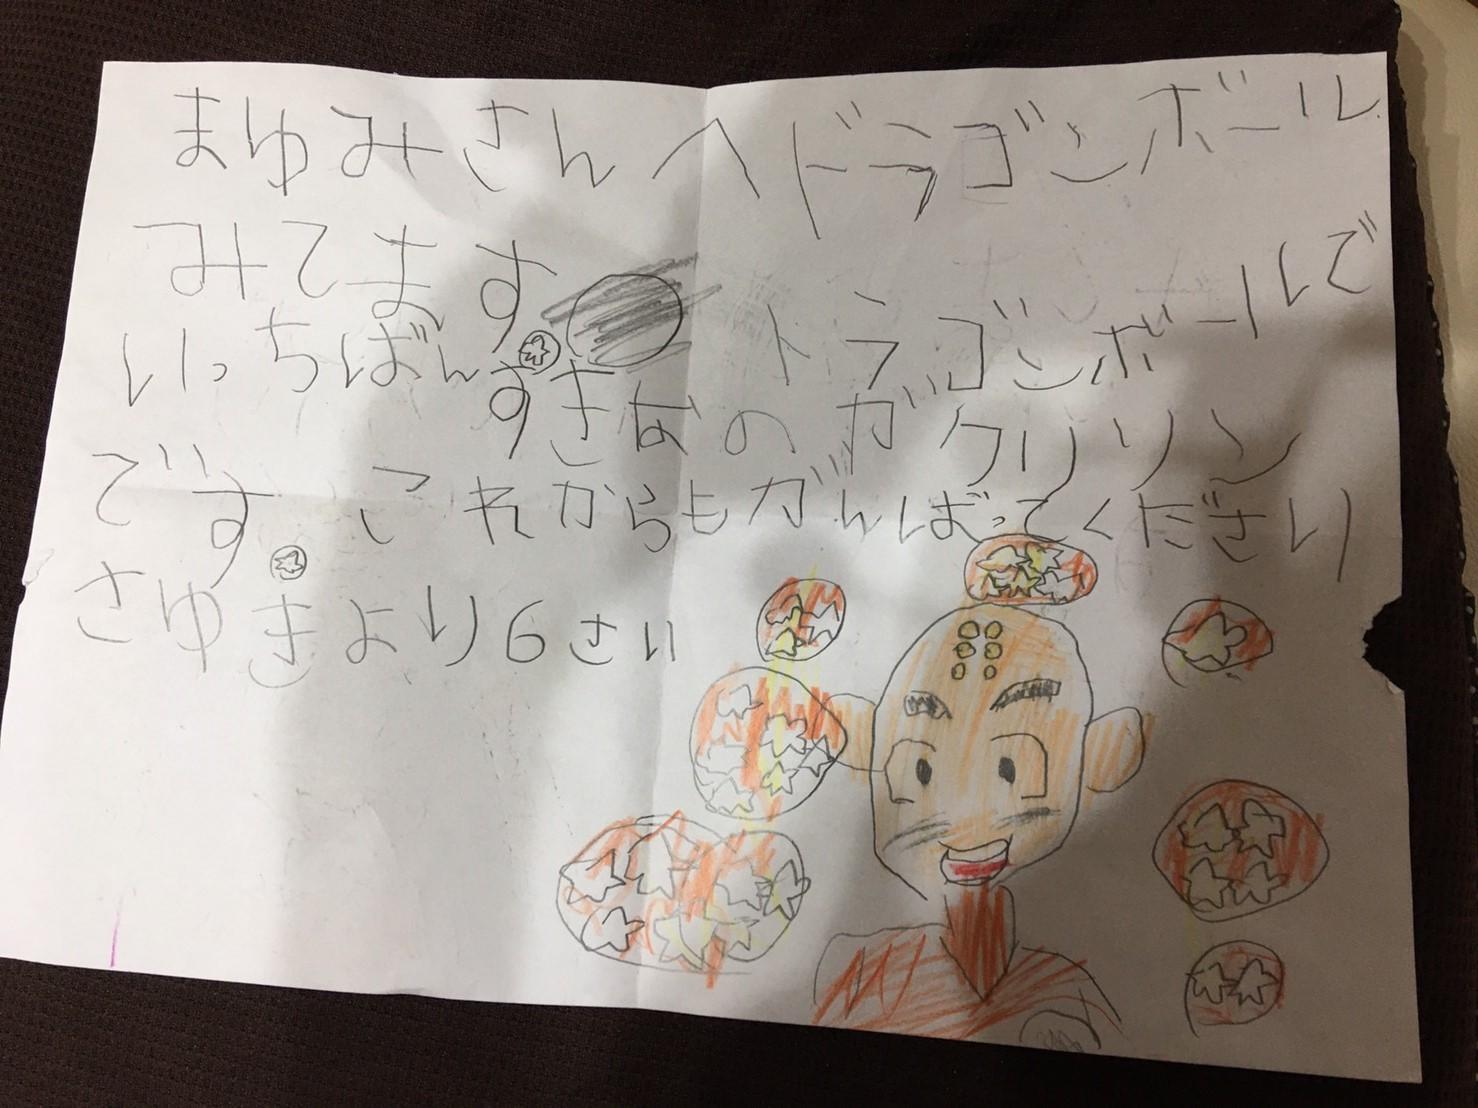 みんなからのお手紙が届いて嬉しい限り〜〜(キラキラ)_a0163623_12435316.jpg